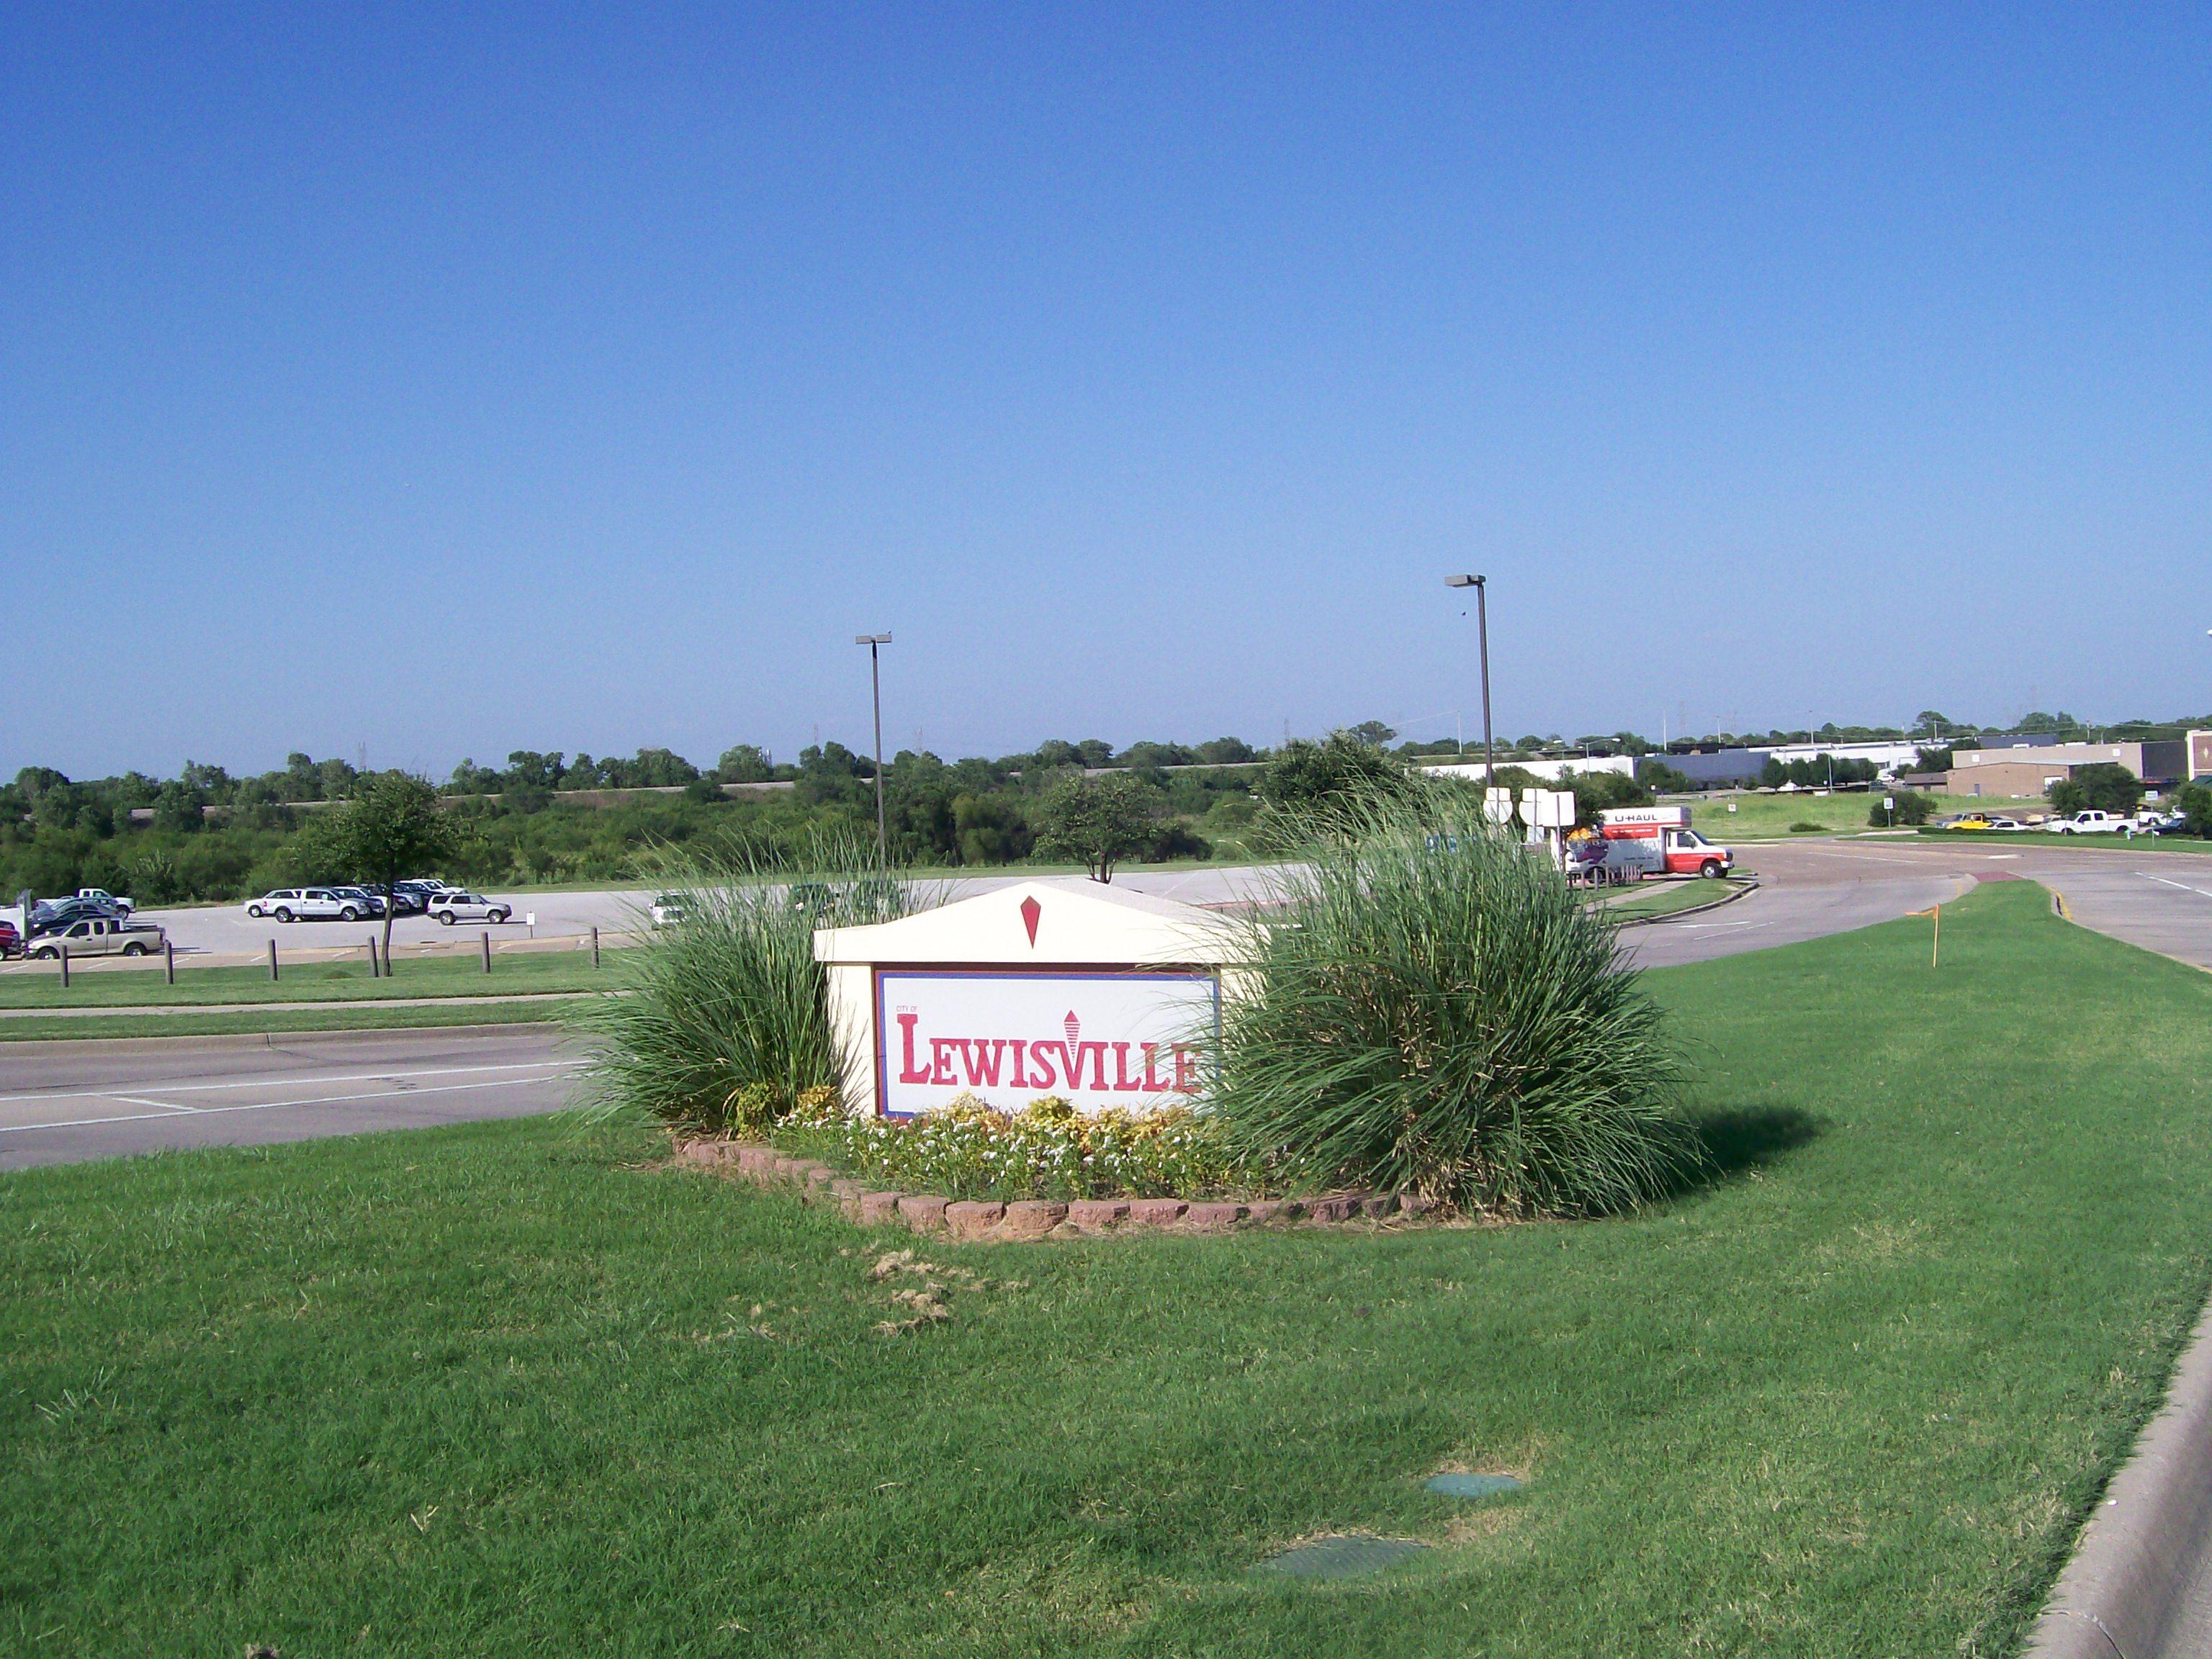 klonopin texas lewisville